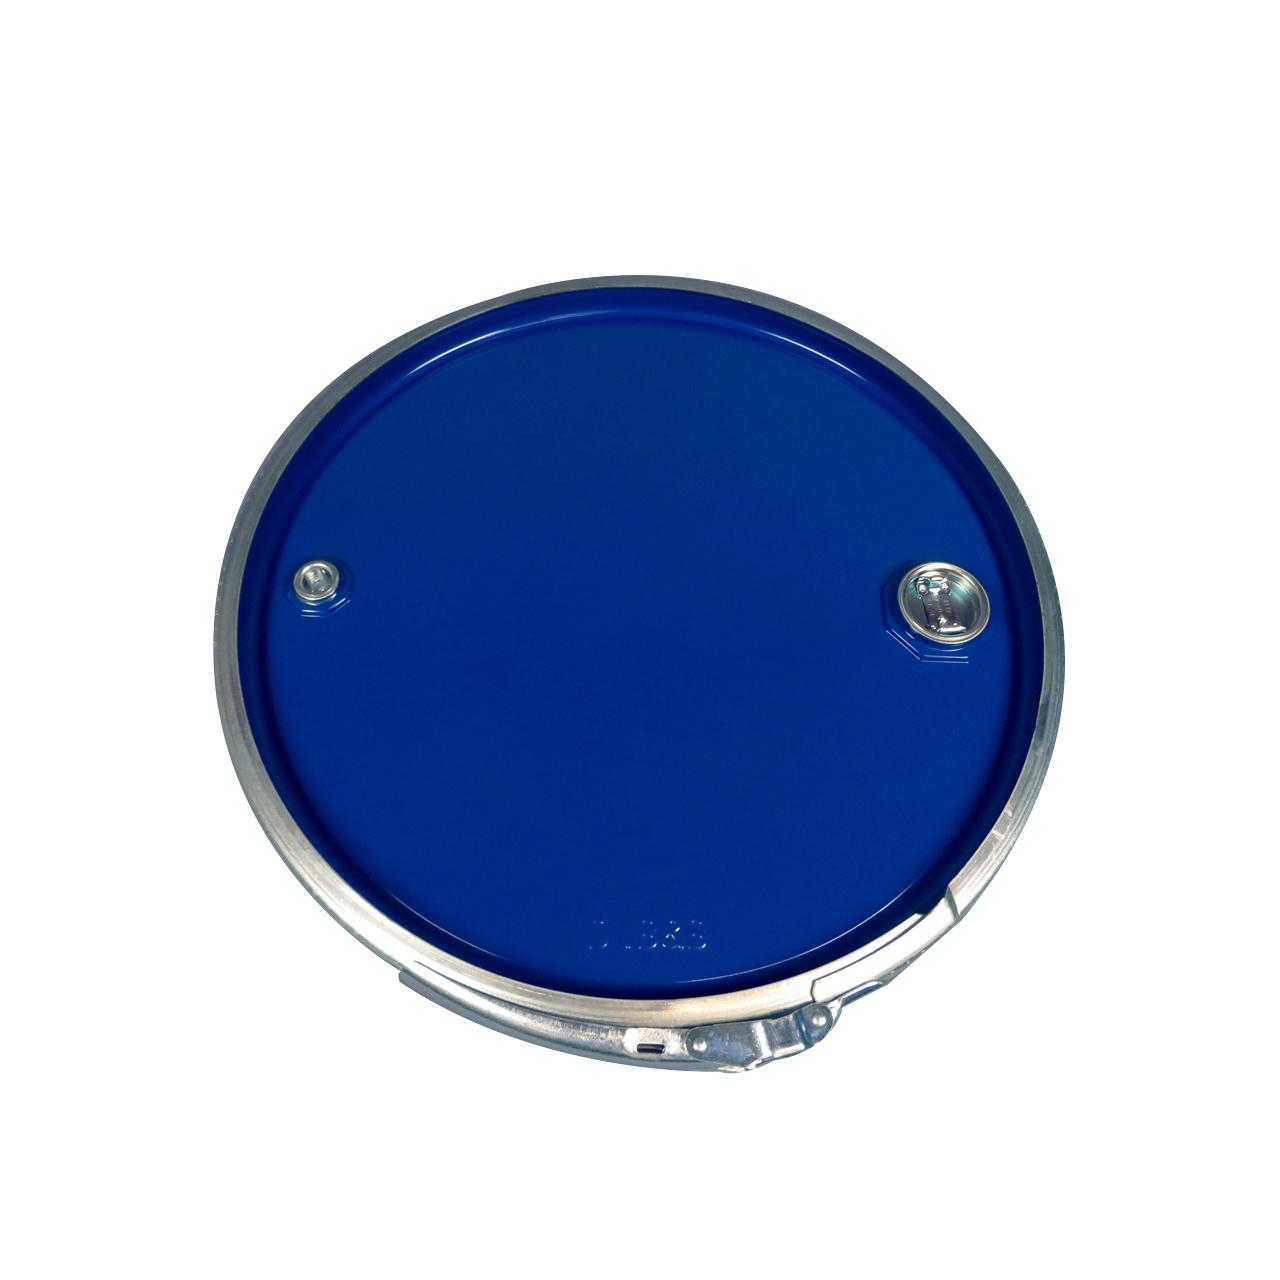 212 L Stahldeckelfass, roh, blau, Spunde, UN (fest + flüssig)